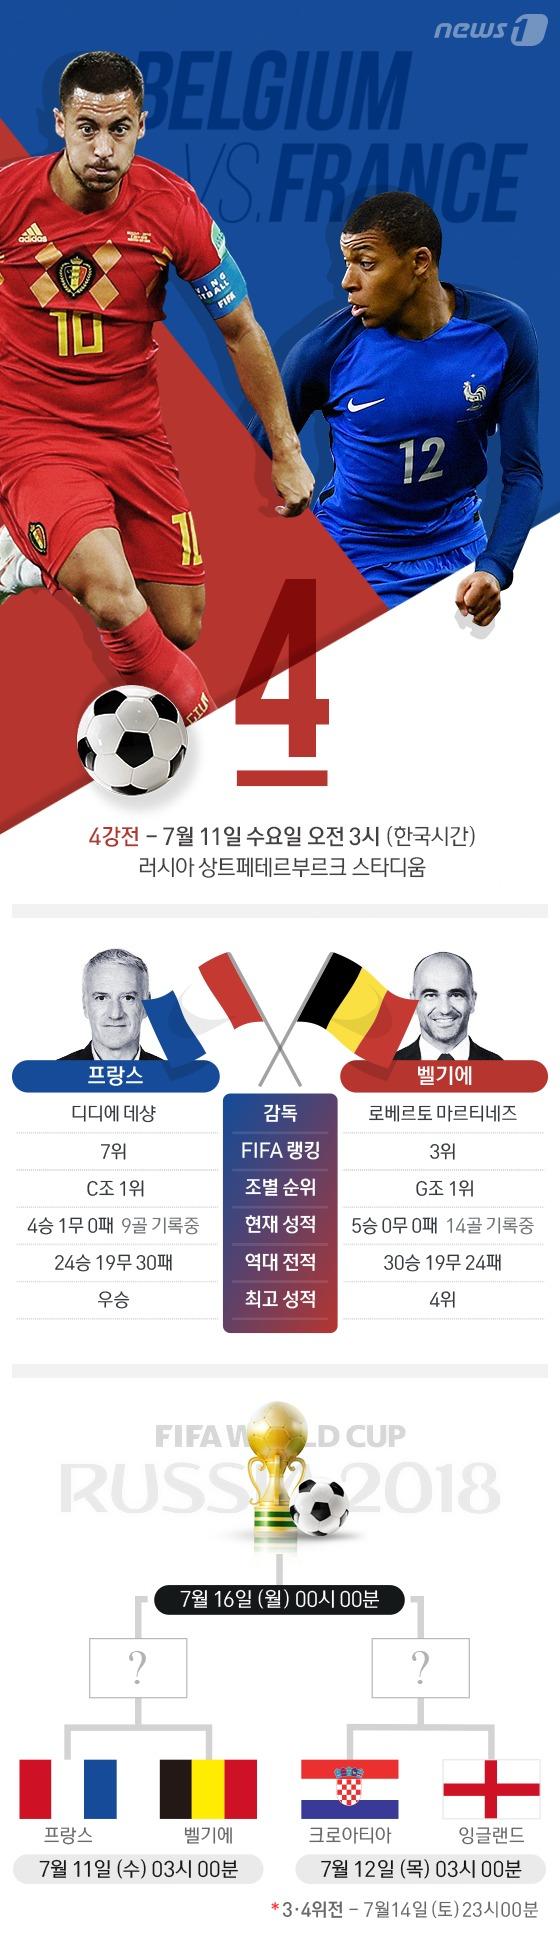 [그래픽뉴스] \'사실상의 결승전' 프랑스 vs 벨기에